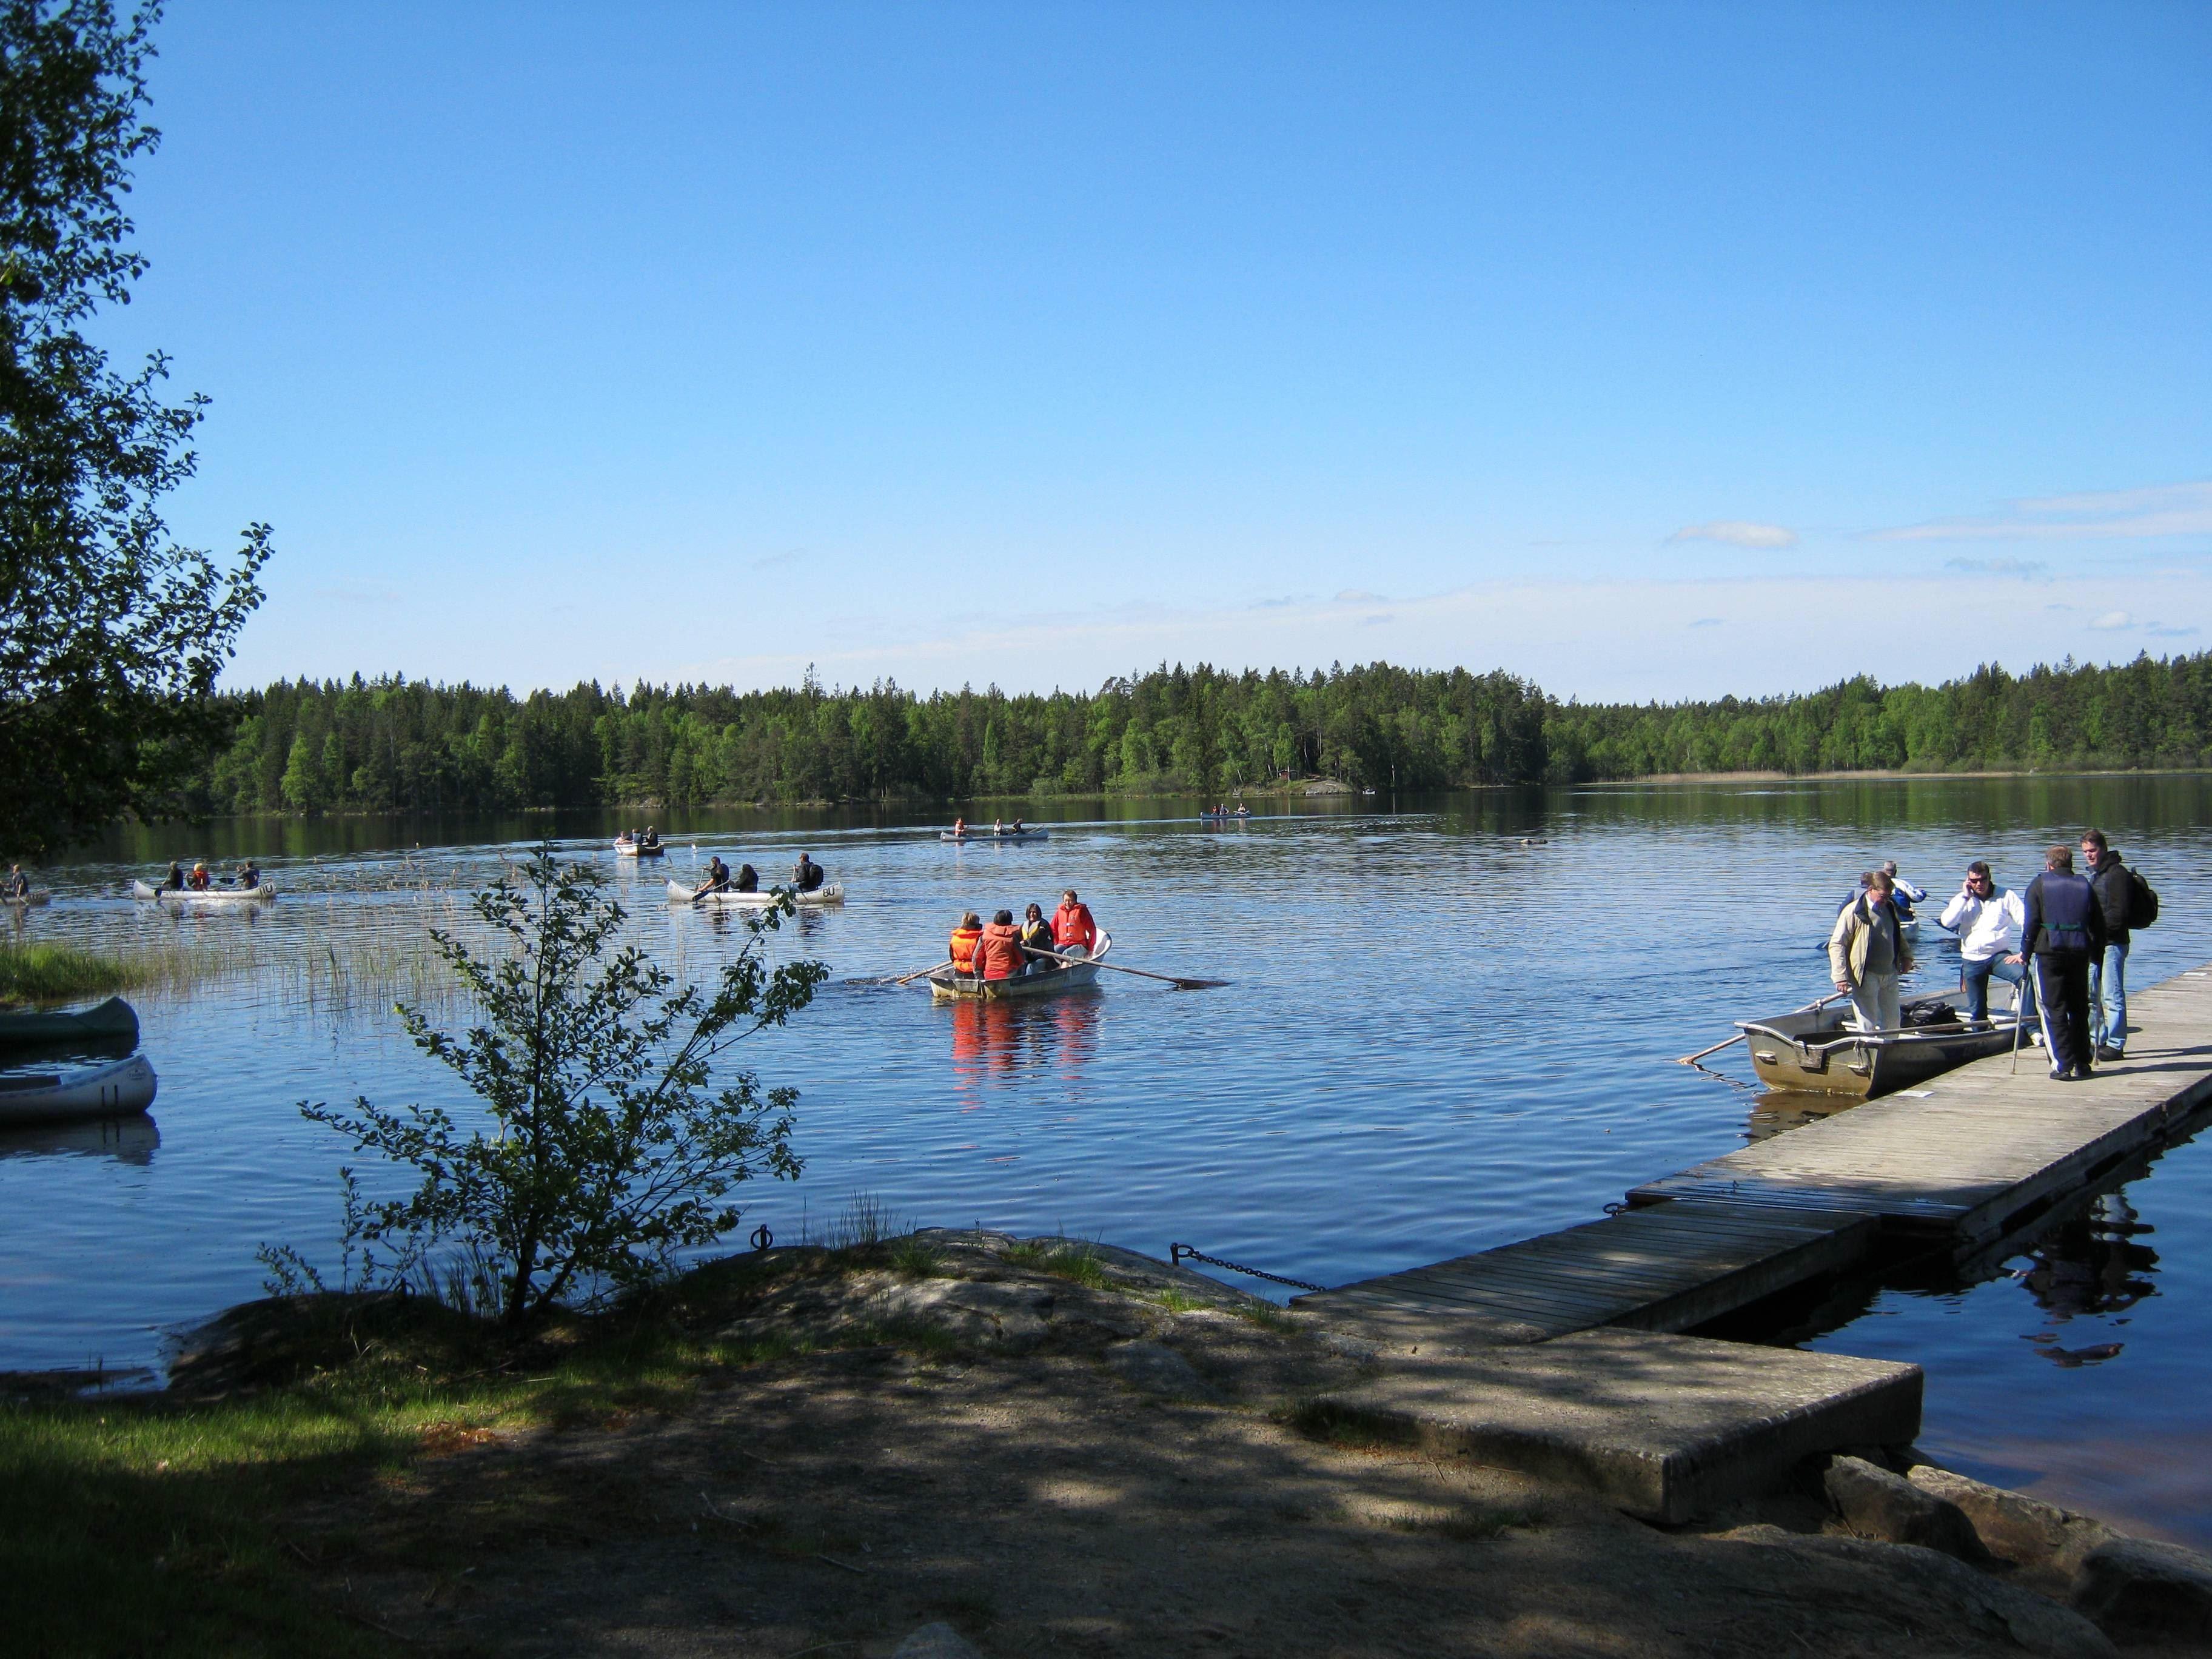 Urshults Camping,  © Urshults Camping, Kanoter på sjön åsnen